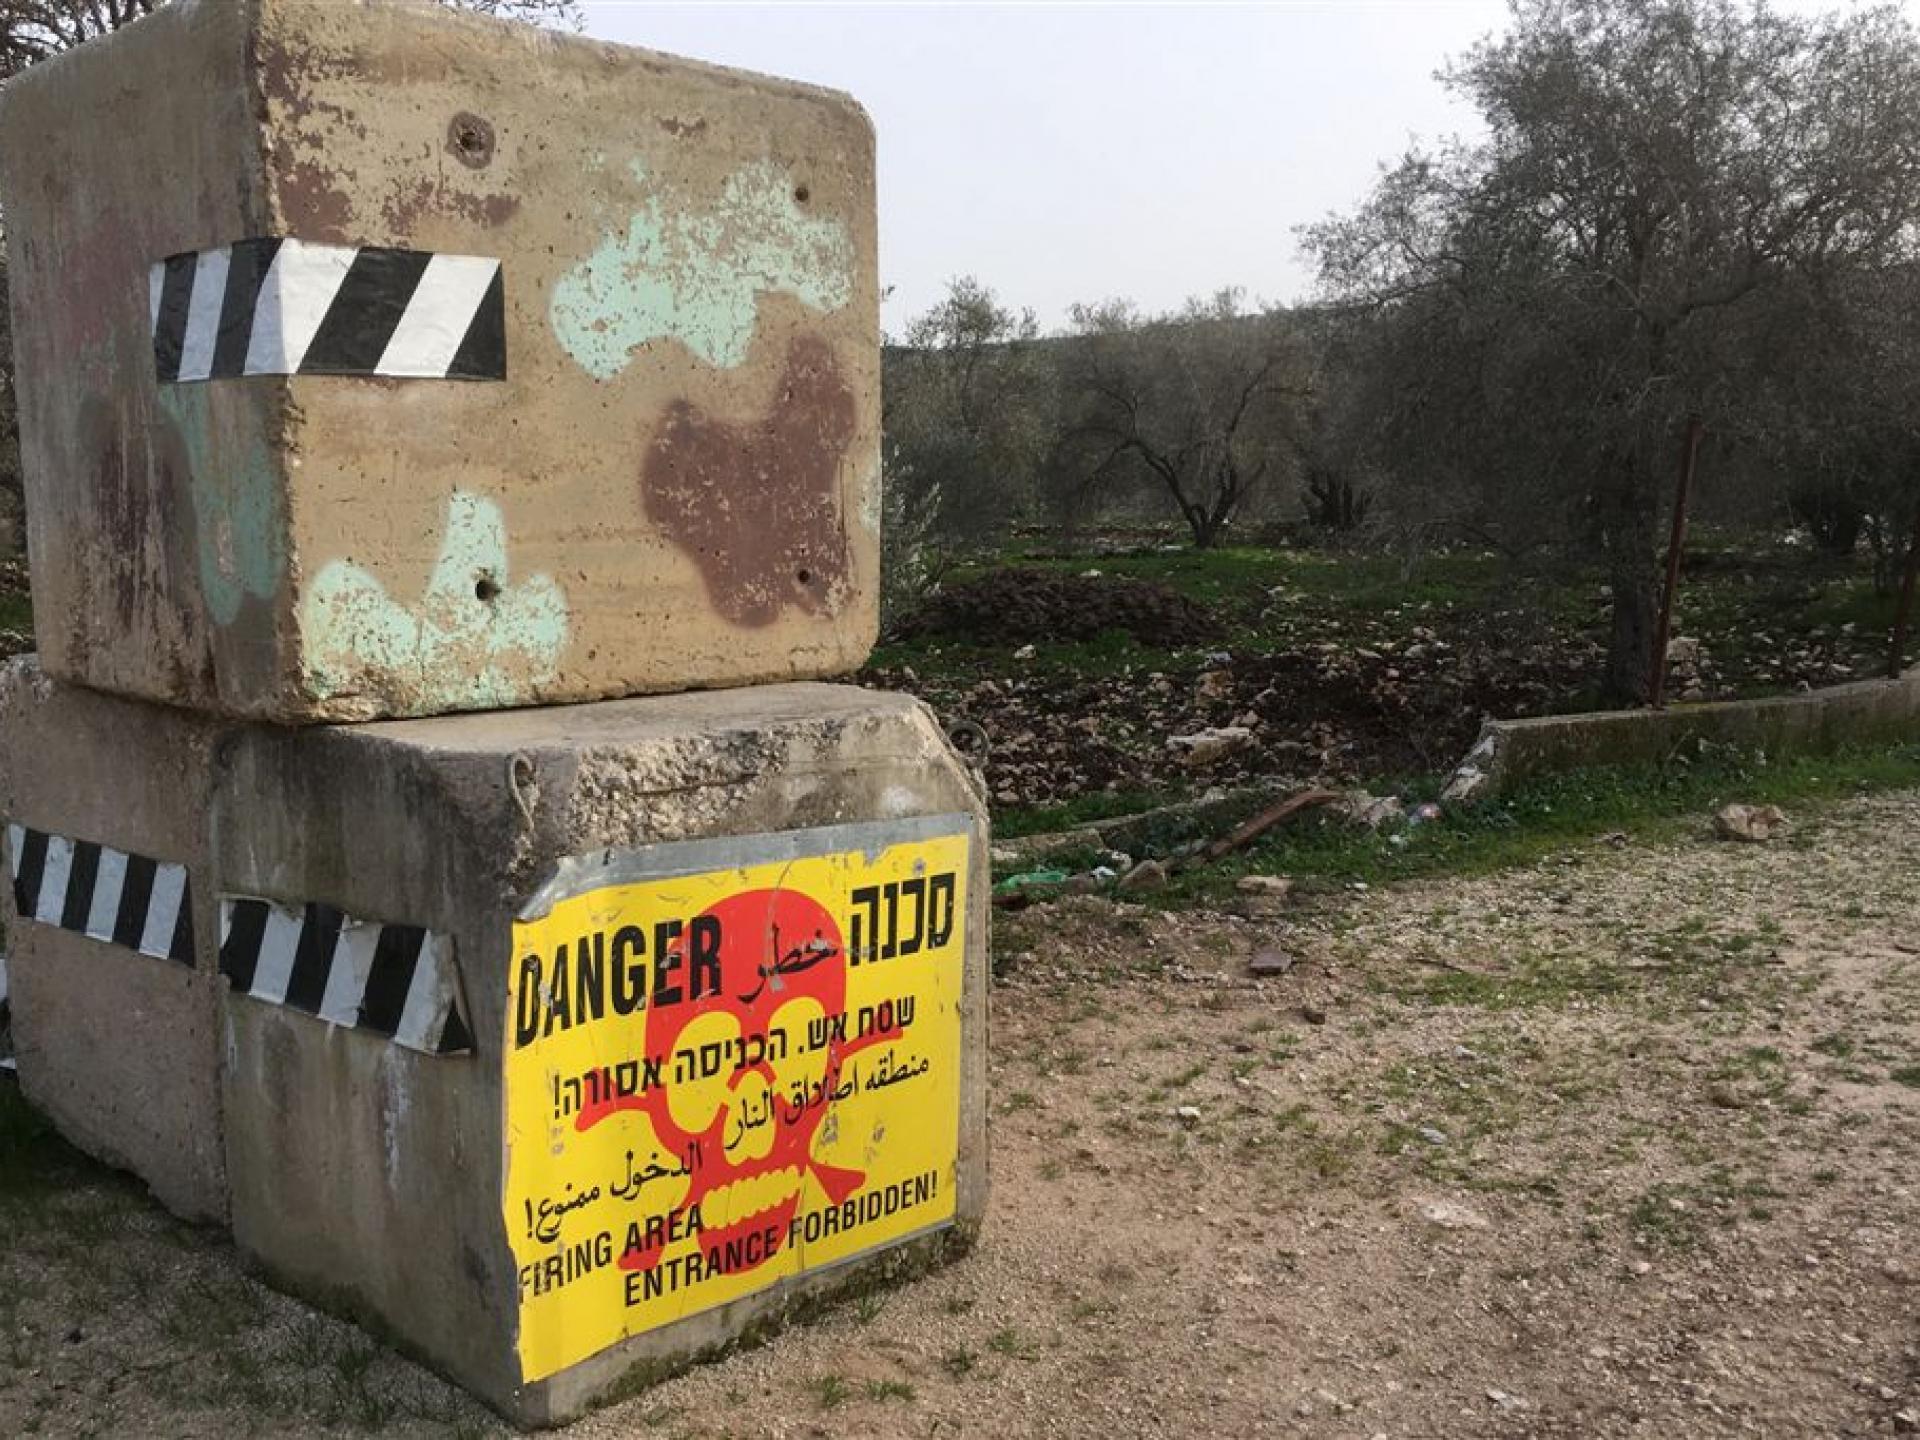 הכפר הפלסטיני אמריחא: לפתע הפכו לשטח אש (?)